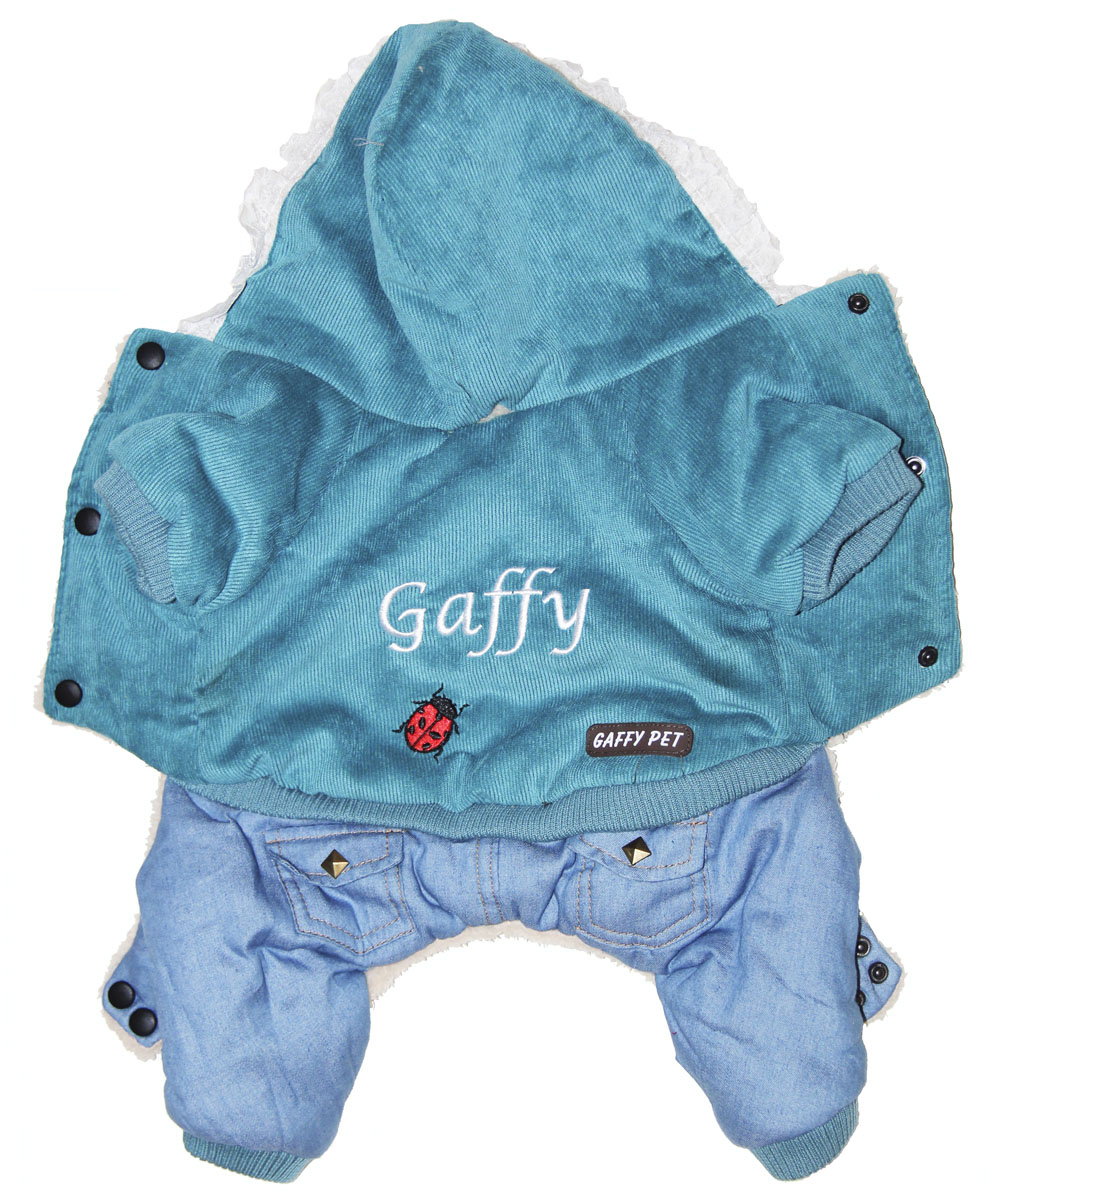 Комбинезон для собак Gaffy Pet Ladybird, зимний, мальчика, цвет: голубой. Размер L